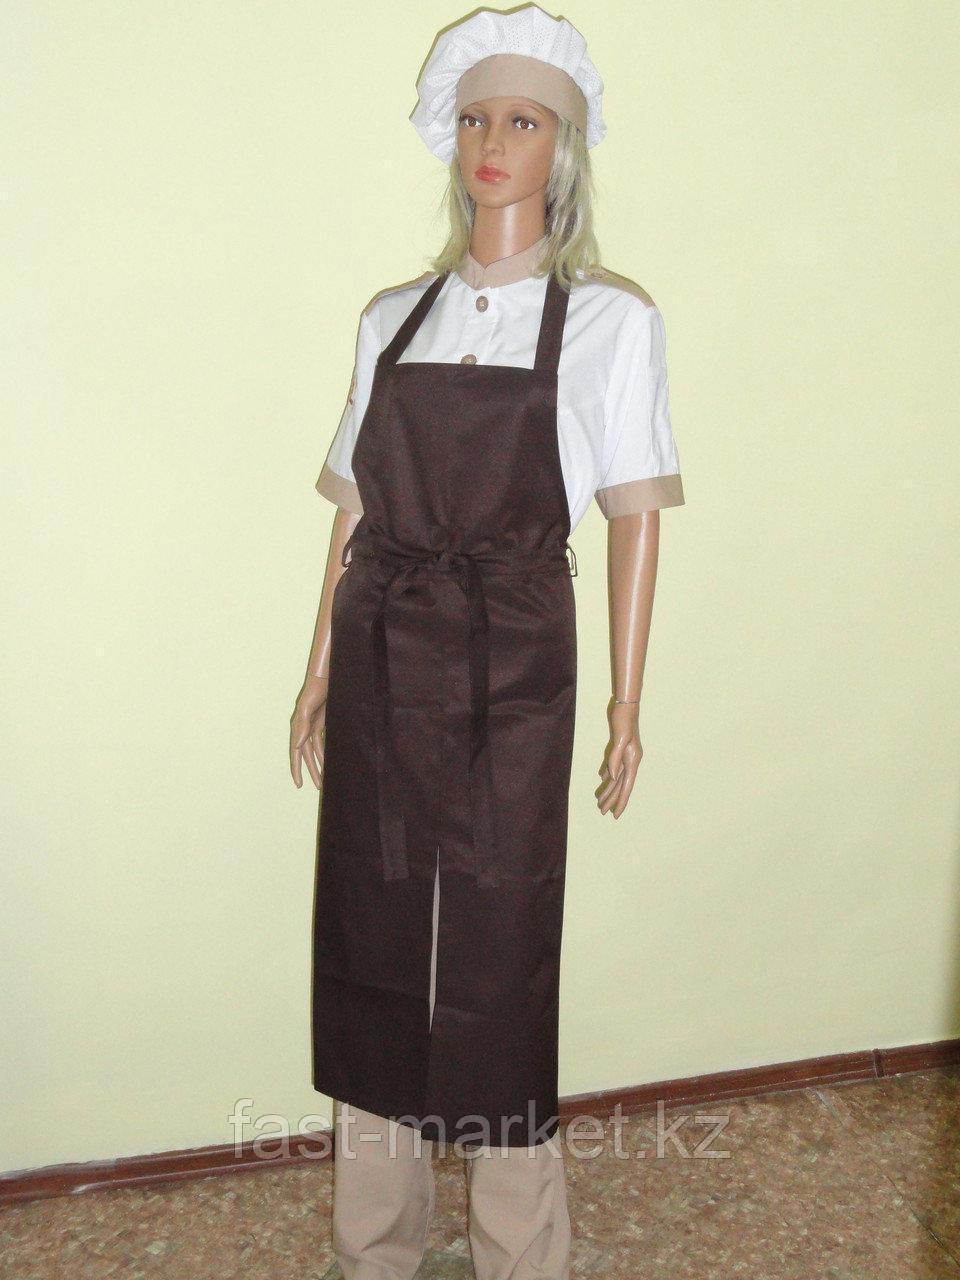 Униформа для продавцов и работников торговли